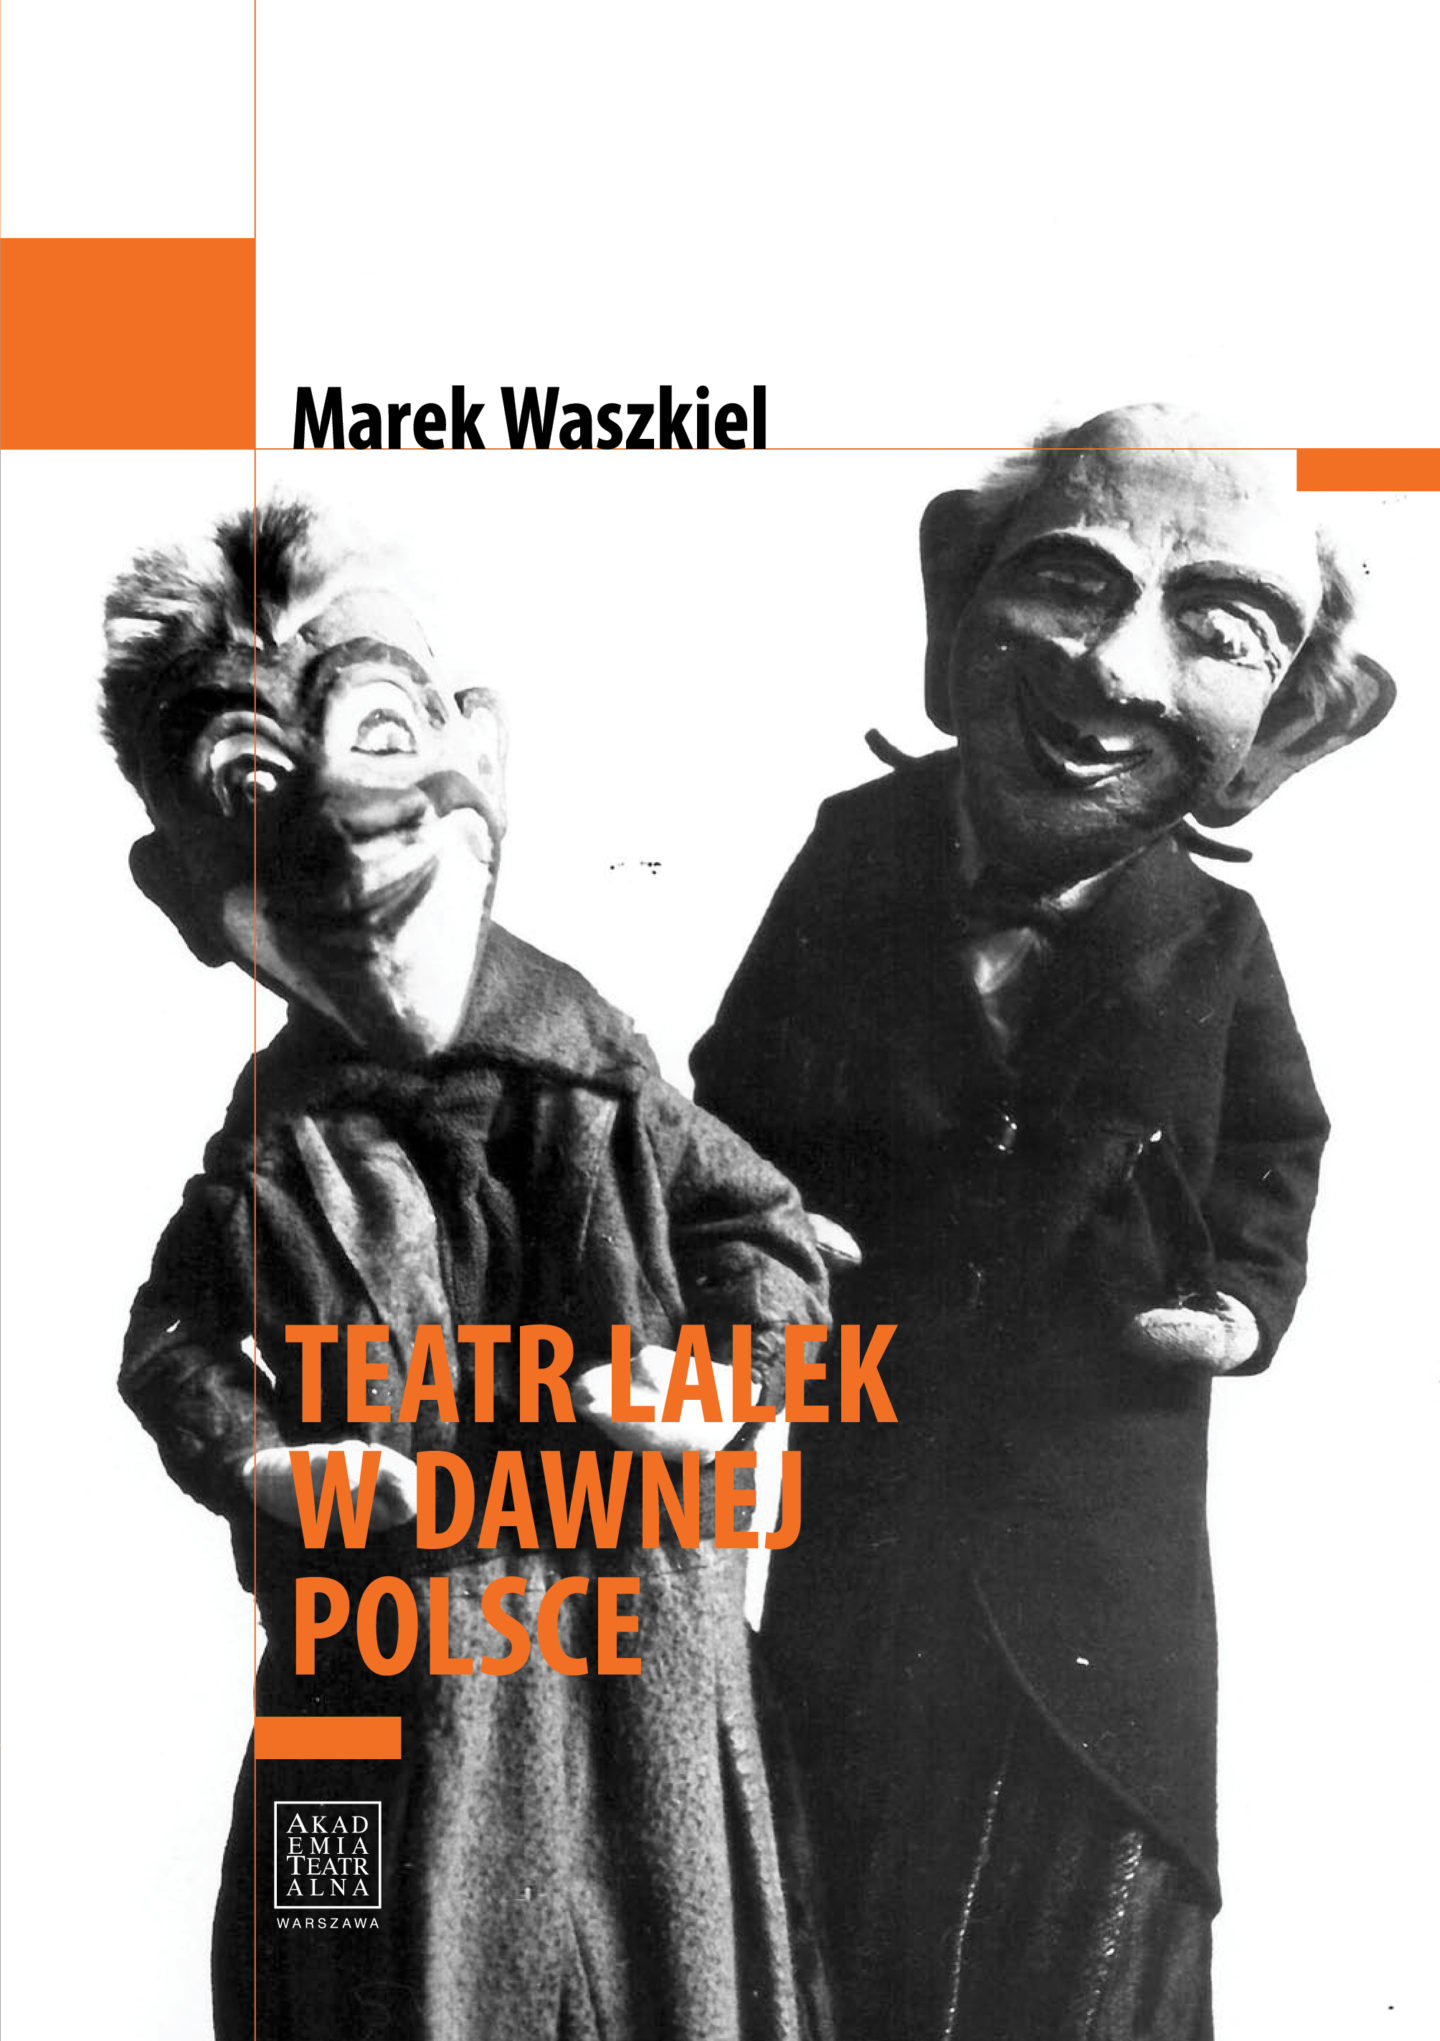 Marek Waszkiel: TEATR LALEK WDAWNEJ POLSCE